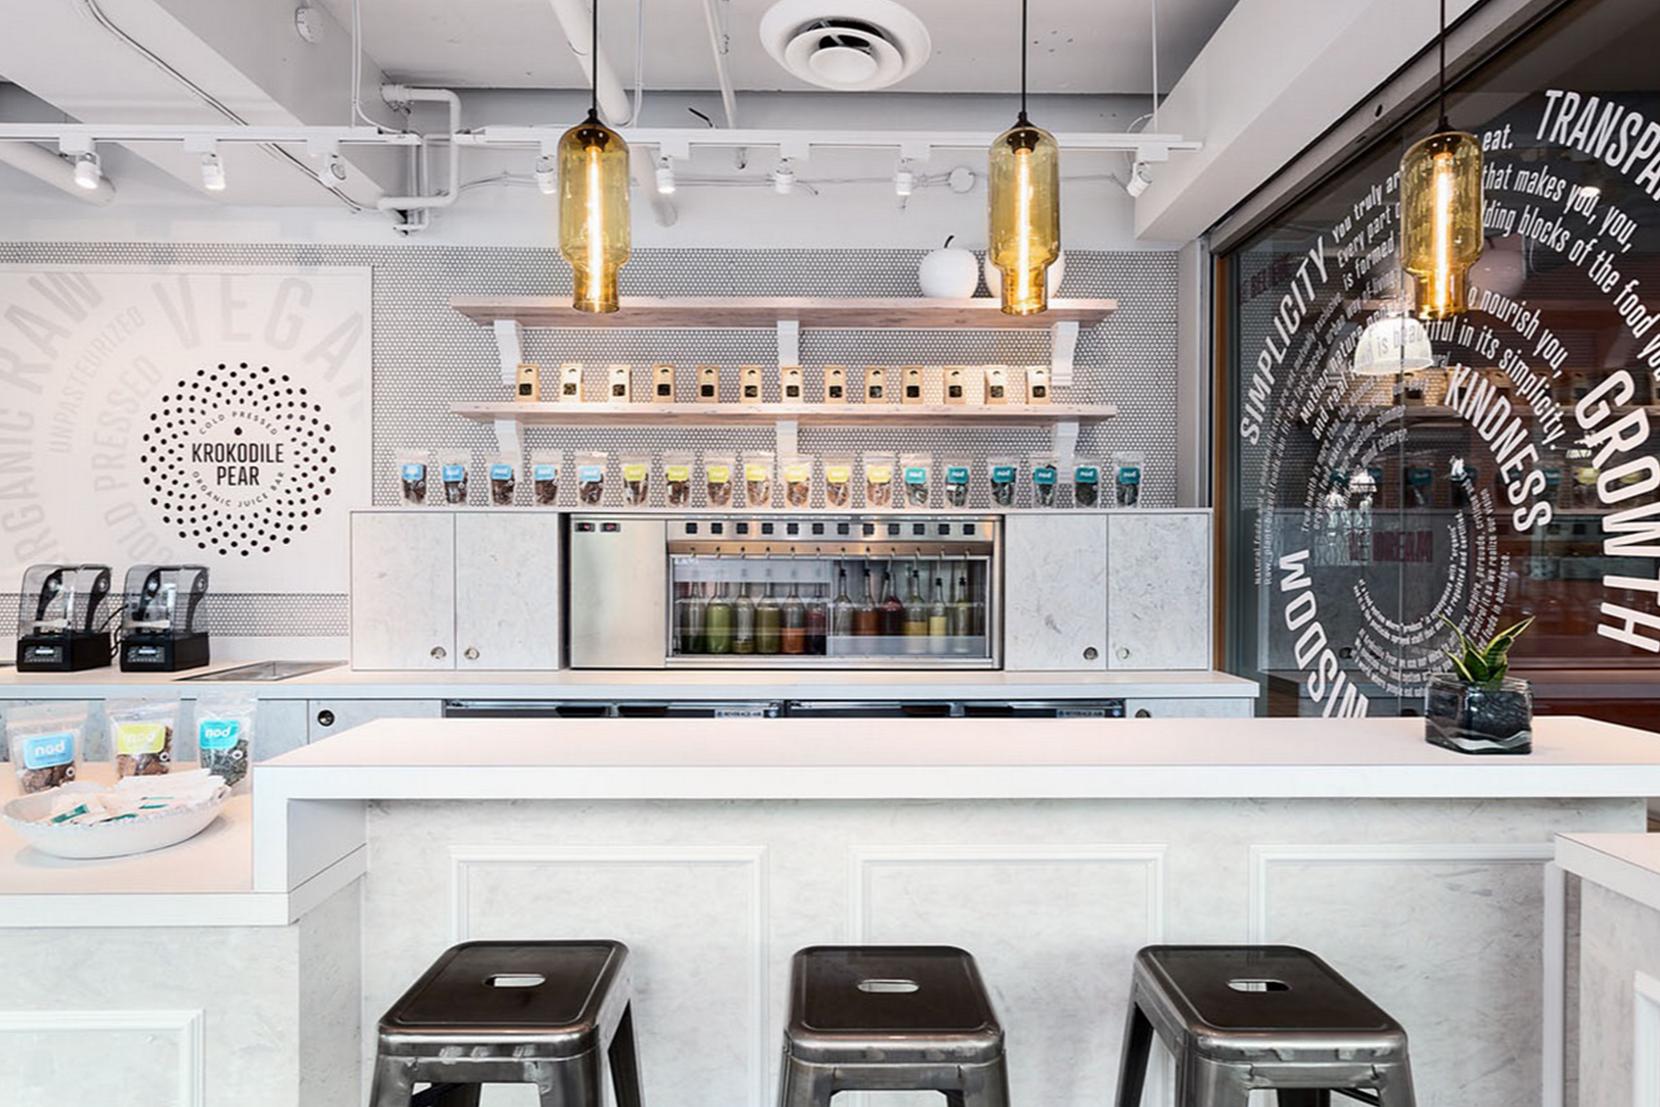 Modern Glass Restaurant Lighting - Amber Pharos Pendant Lights